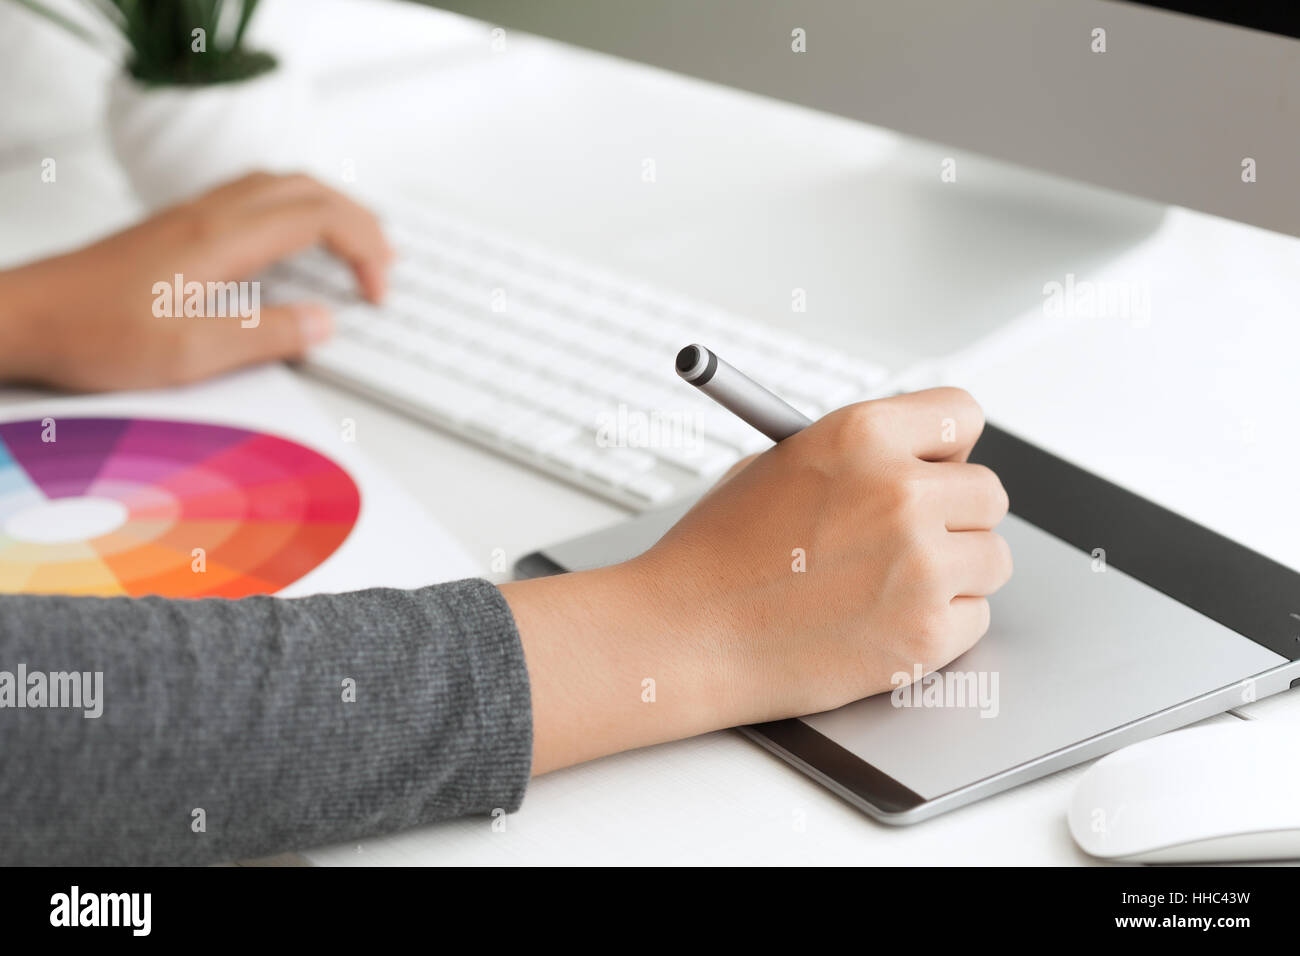 Close up graphic design utilizzando la penna digitale compressa sulla scrivania spazio di lavoro Immagini Stock